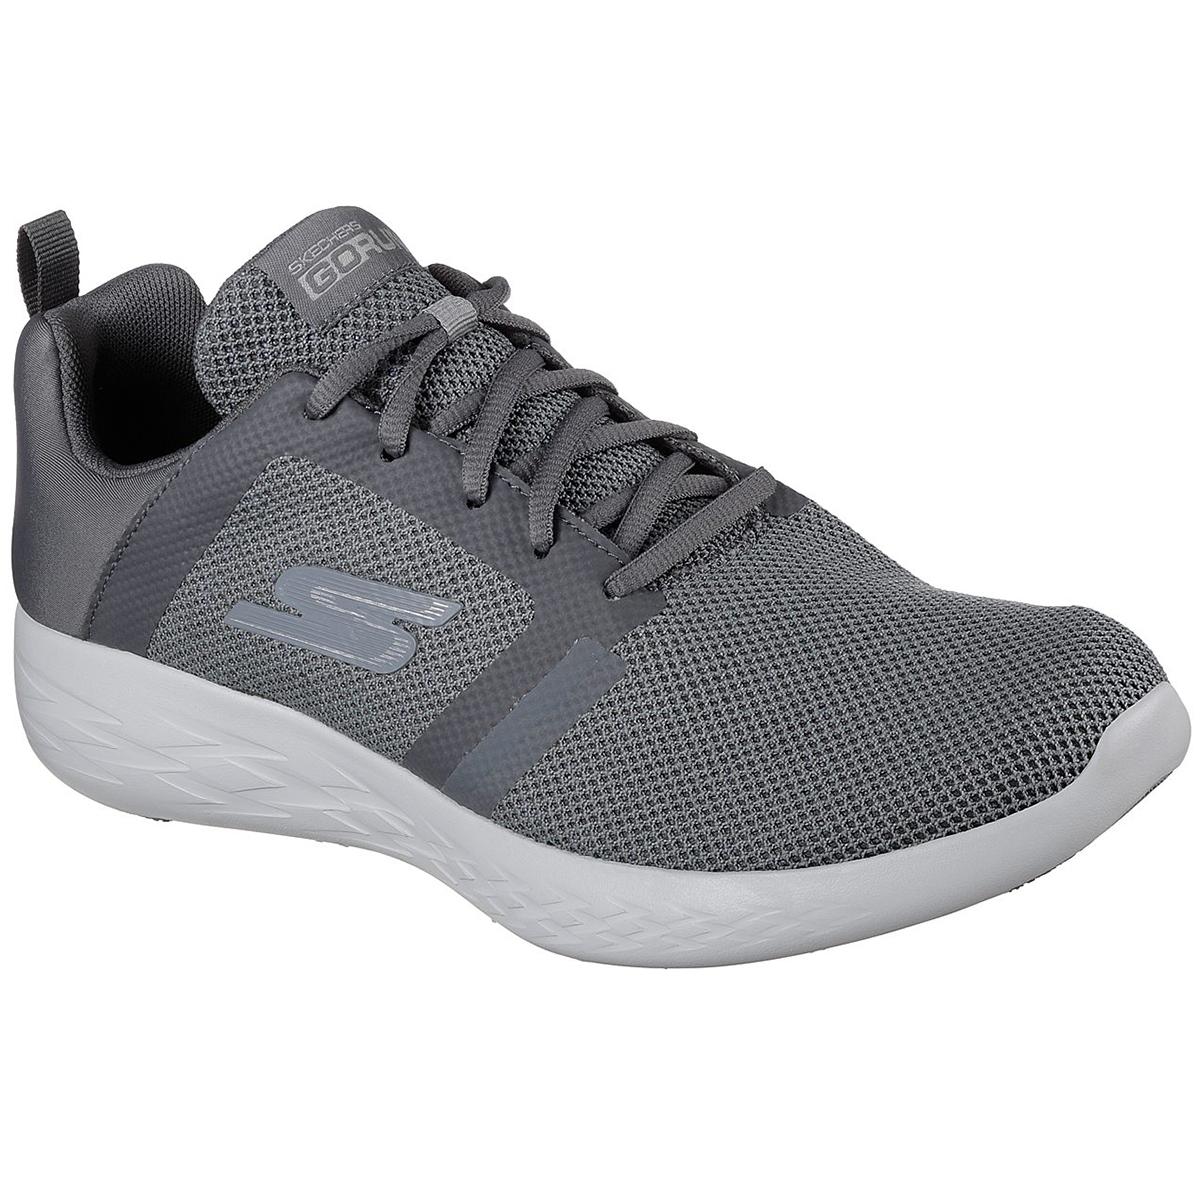 Skechers Men's Go Run 600 - Revel Running Shoes - Black, 8